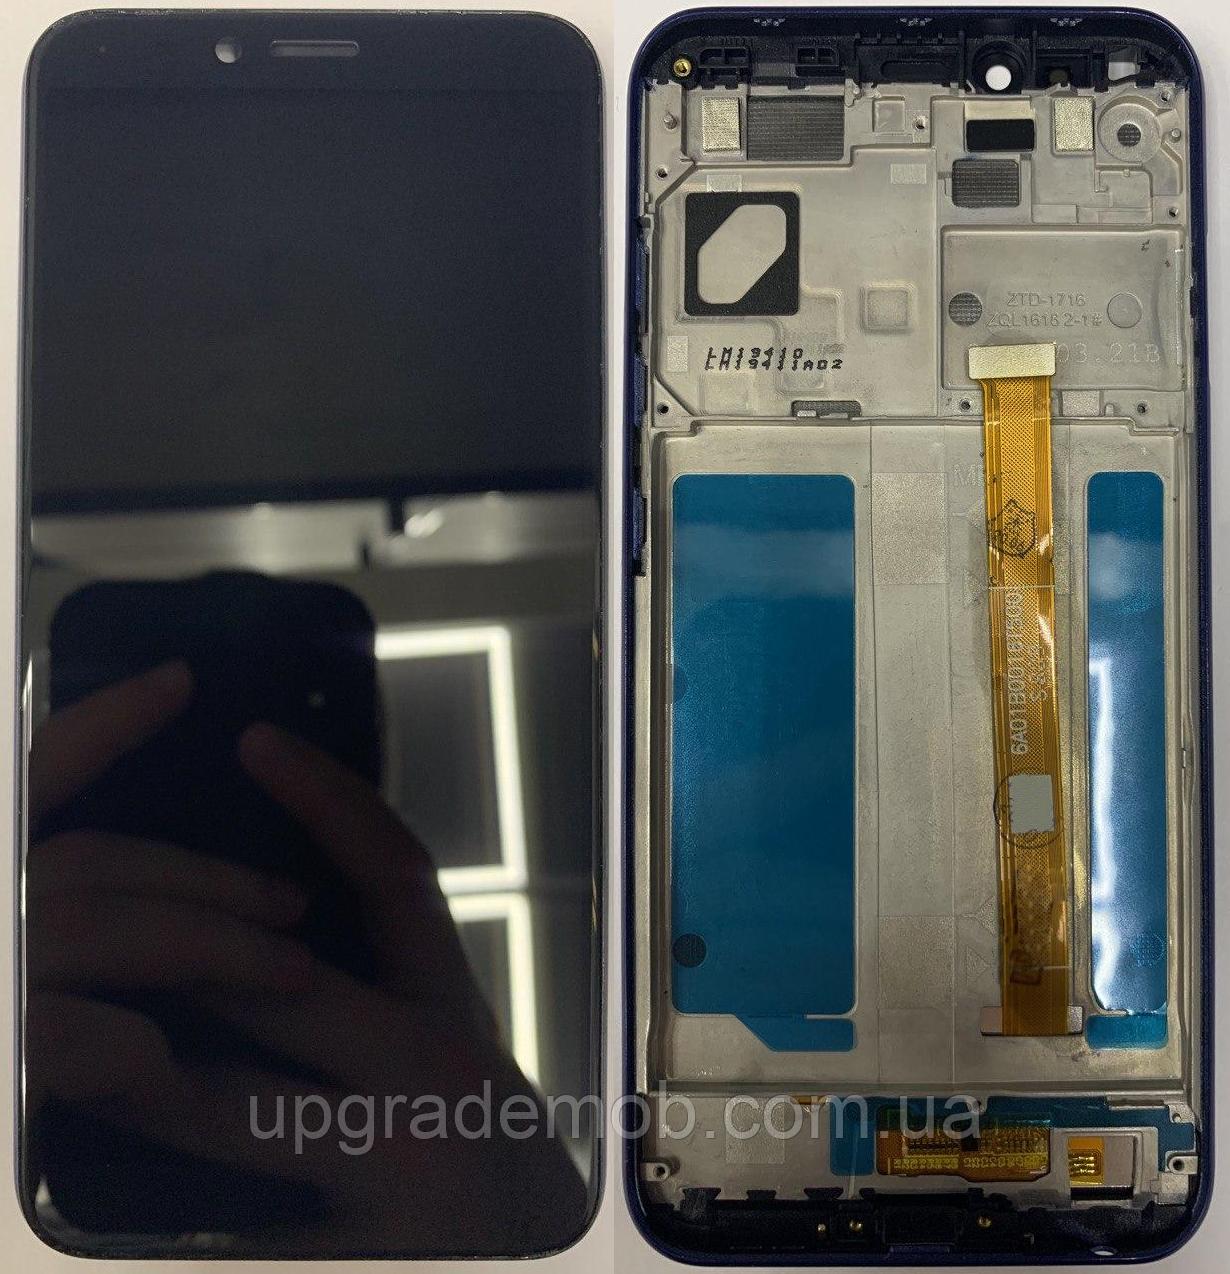 Дисплей Lenovo K5 Play с тачскрином модуль сенсор, черный, в рамке синего цвета